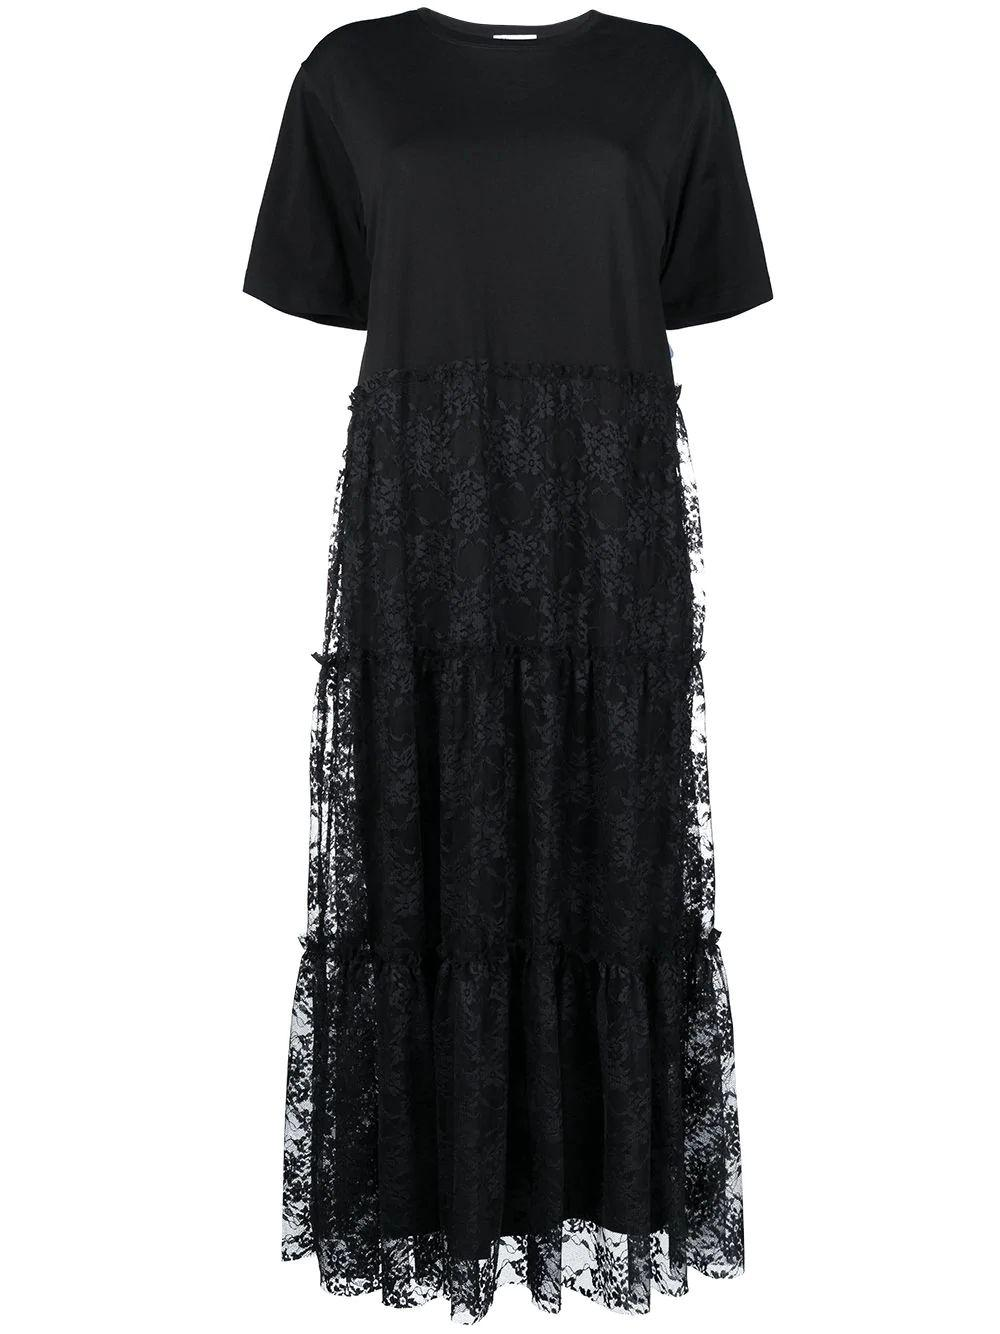 Lace T- Shirt Maxi Dress Item # VR3MJ06F5PV